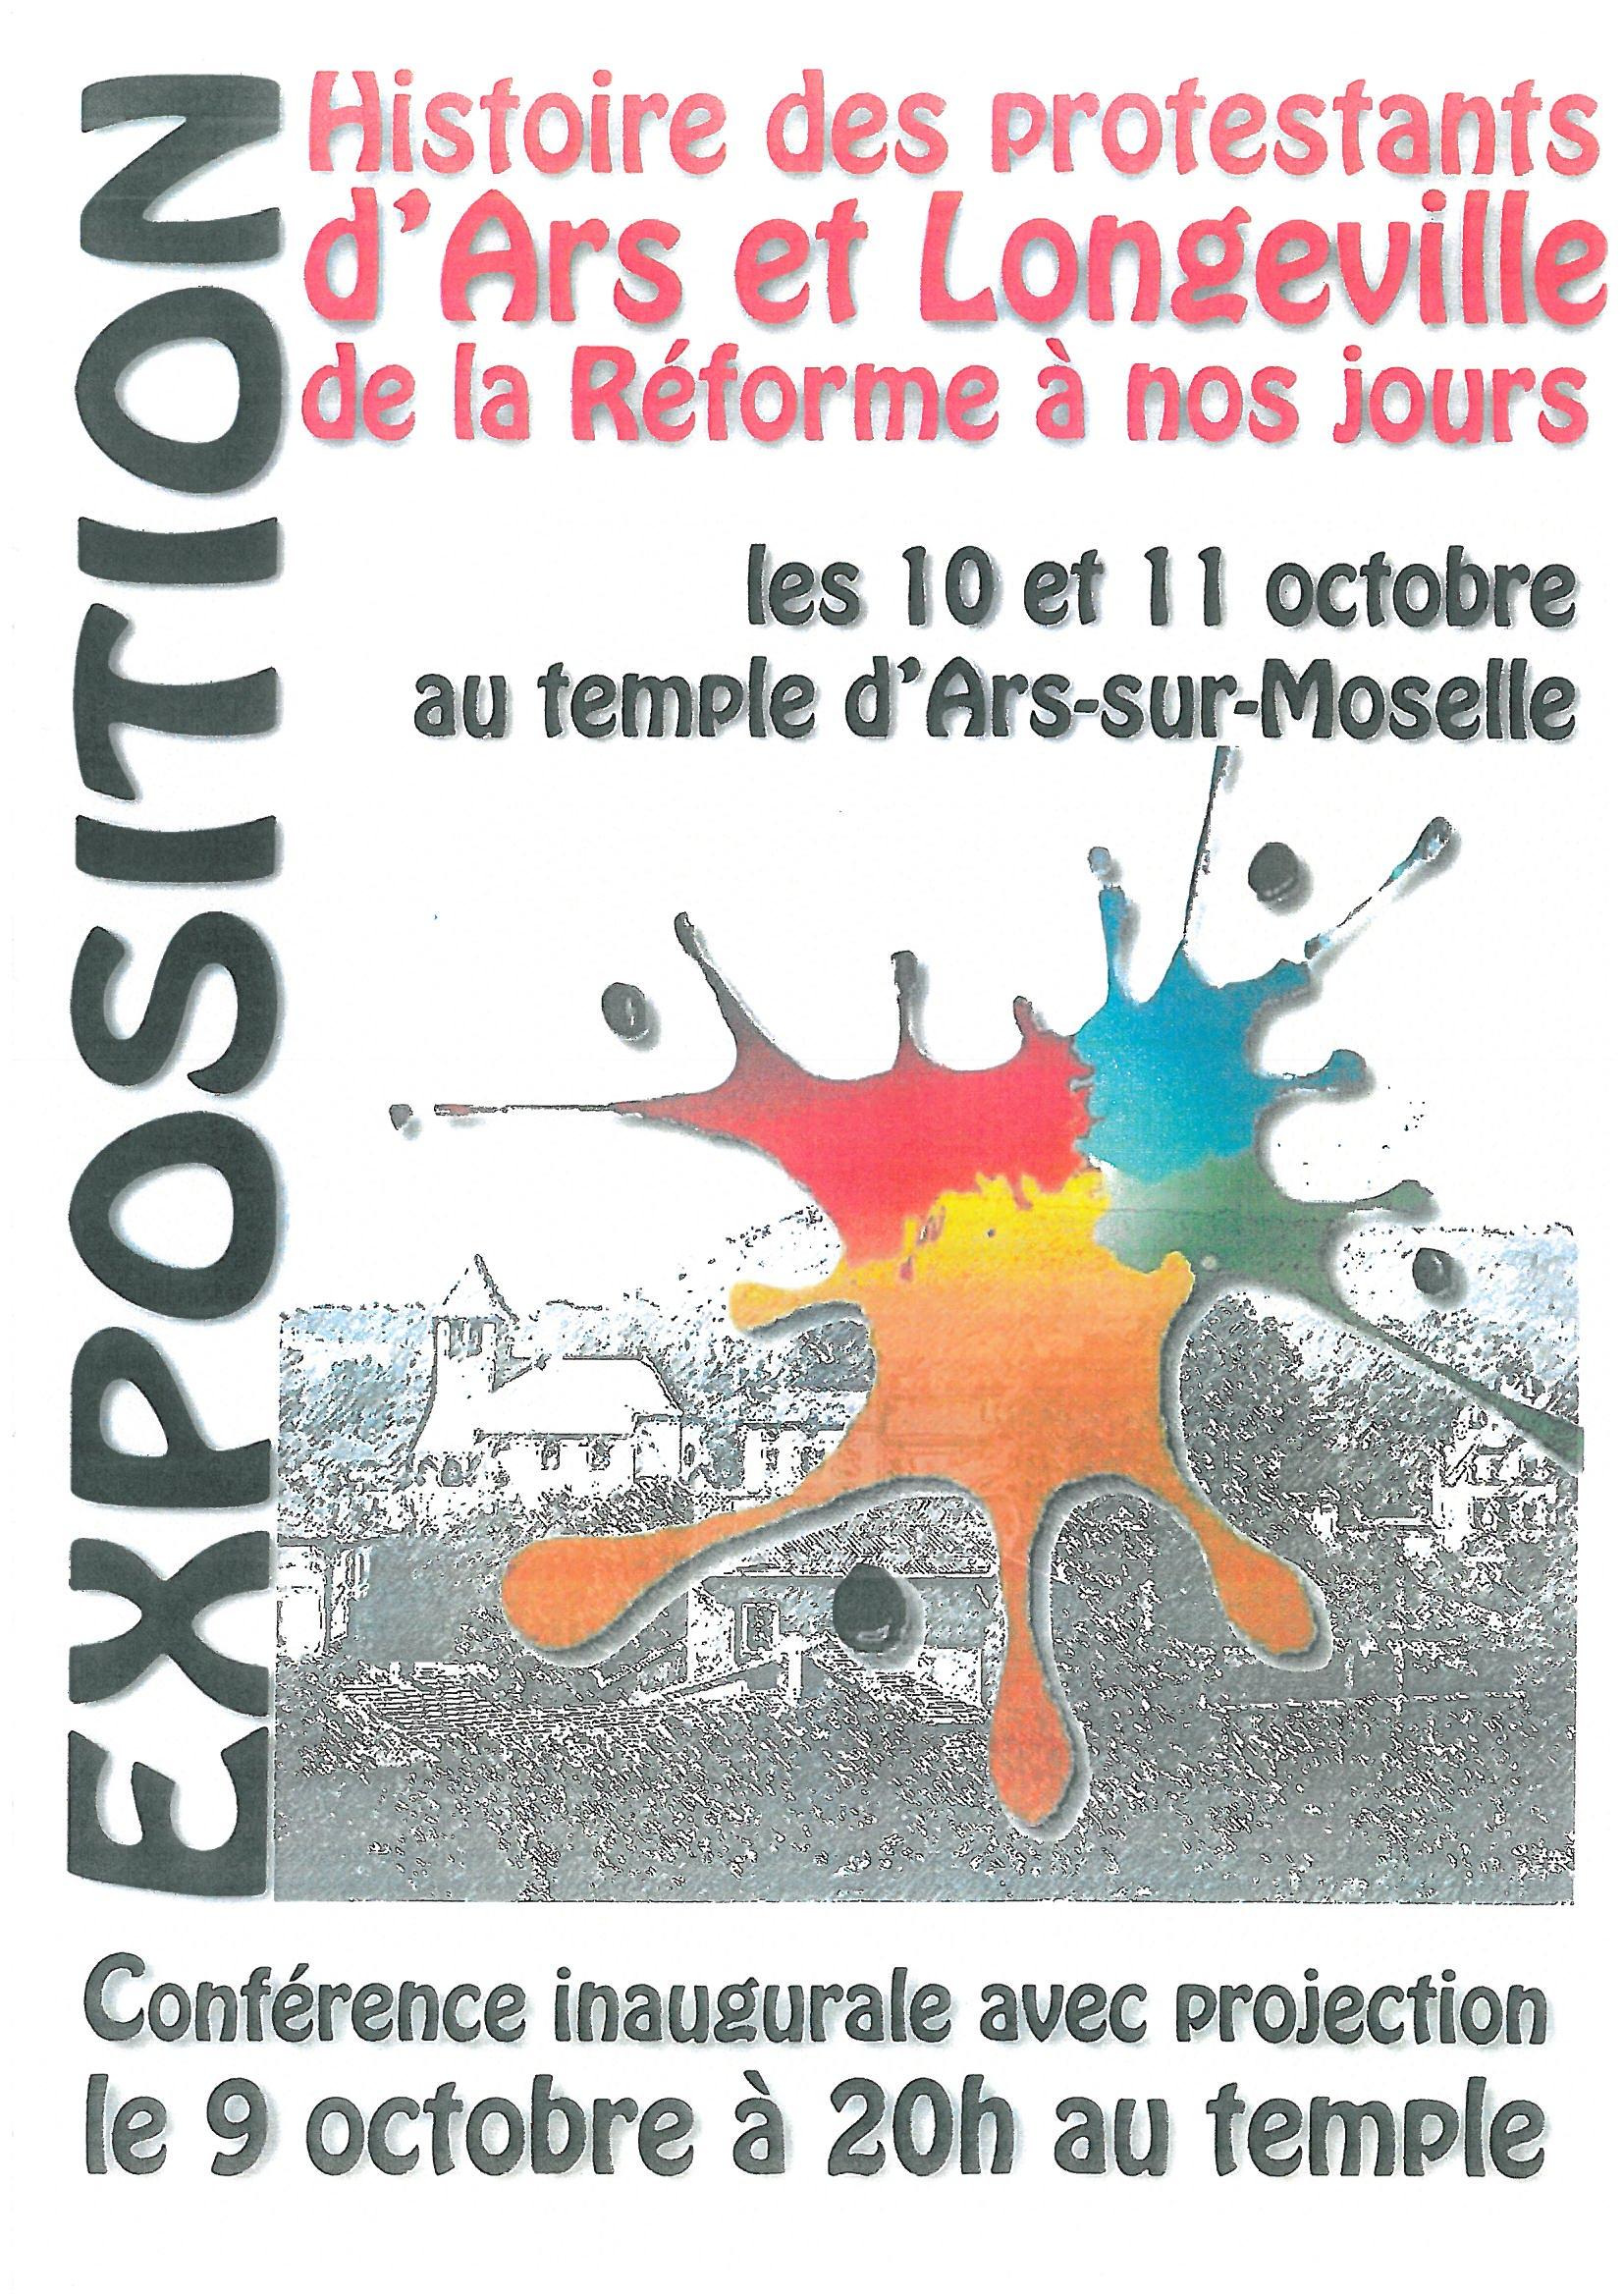 EXPOSITION histoire des protestants les 10 et 11 octore